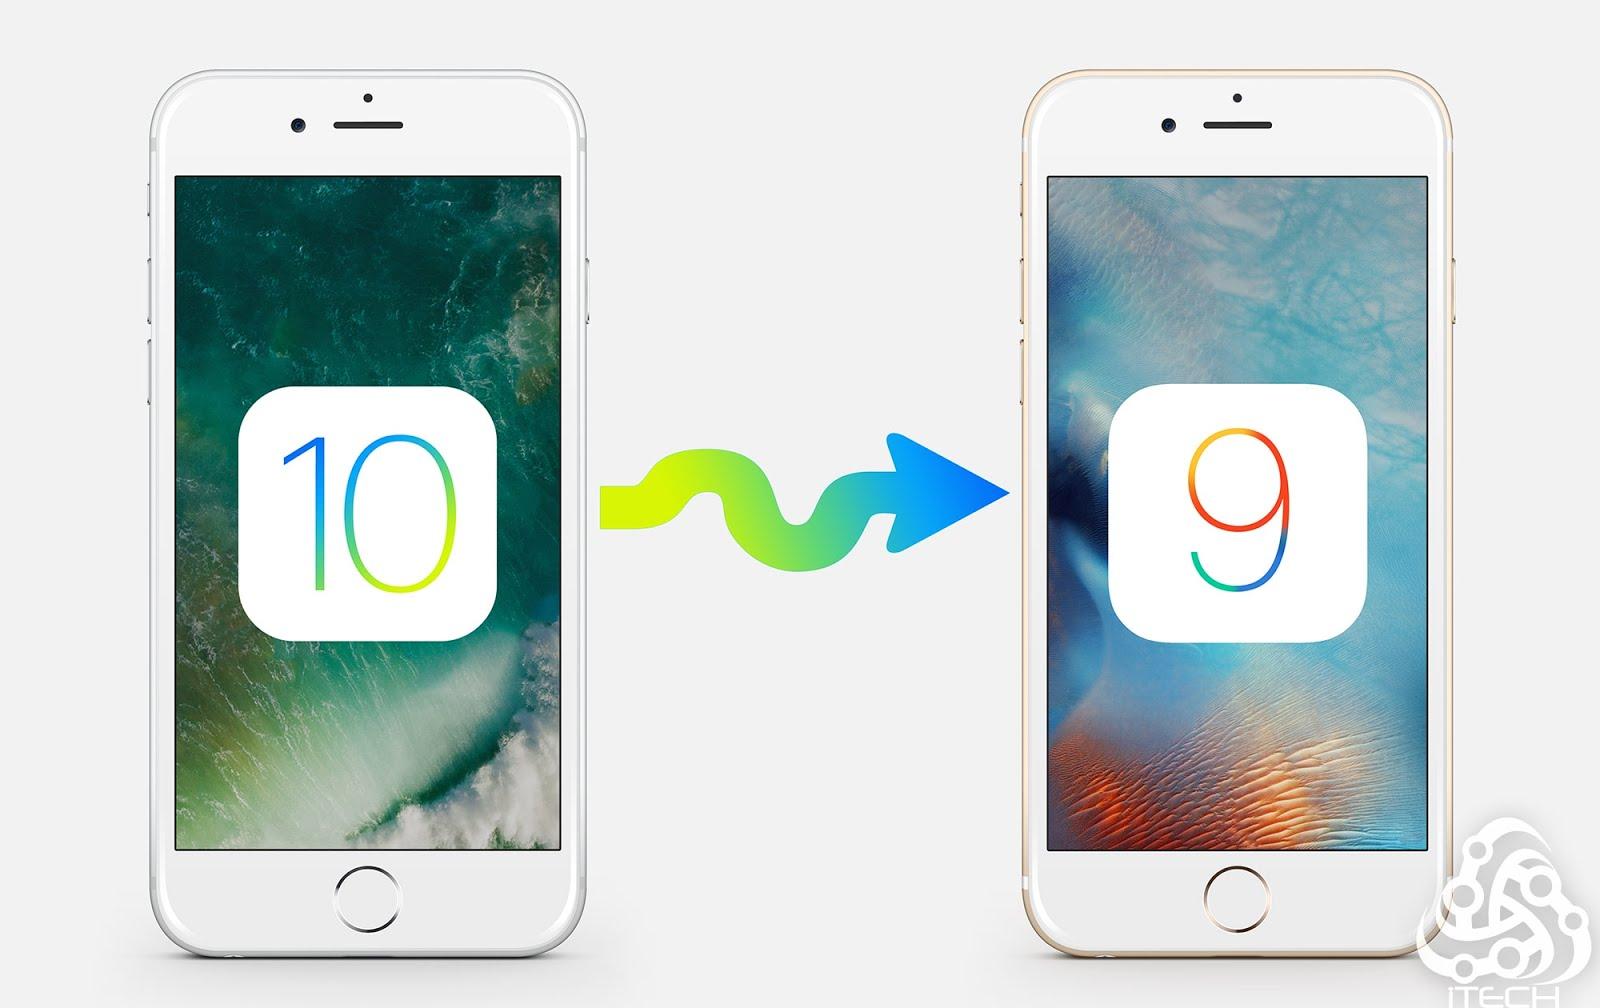 طريقة الرجوع من iOS 10 الى iOS 9